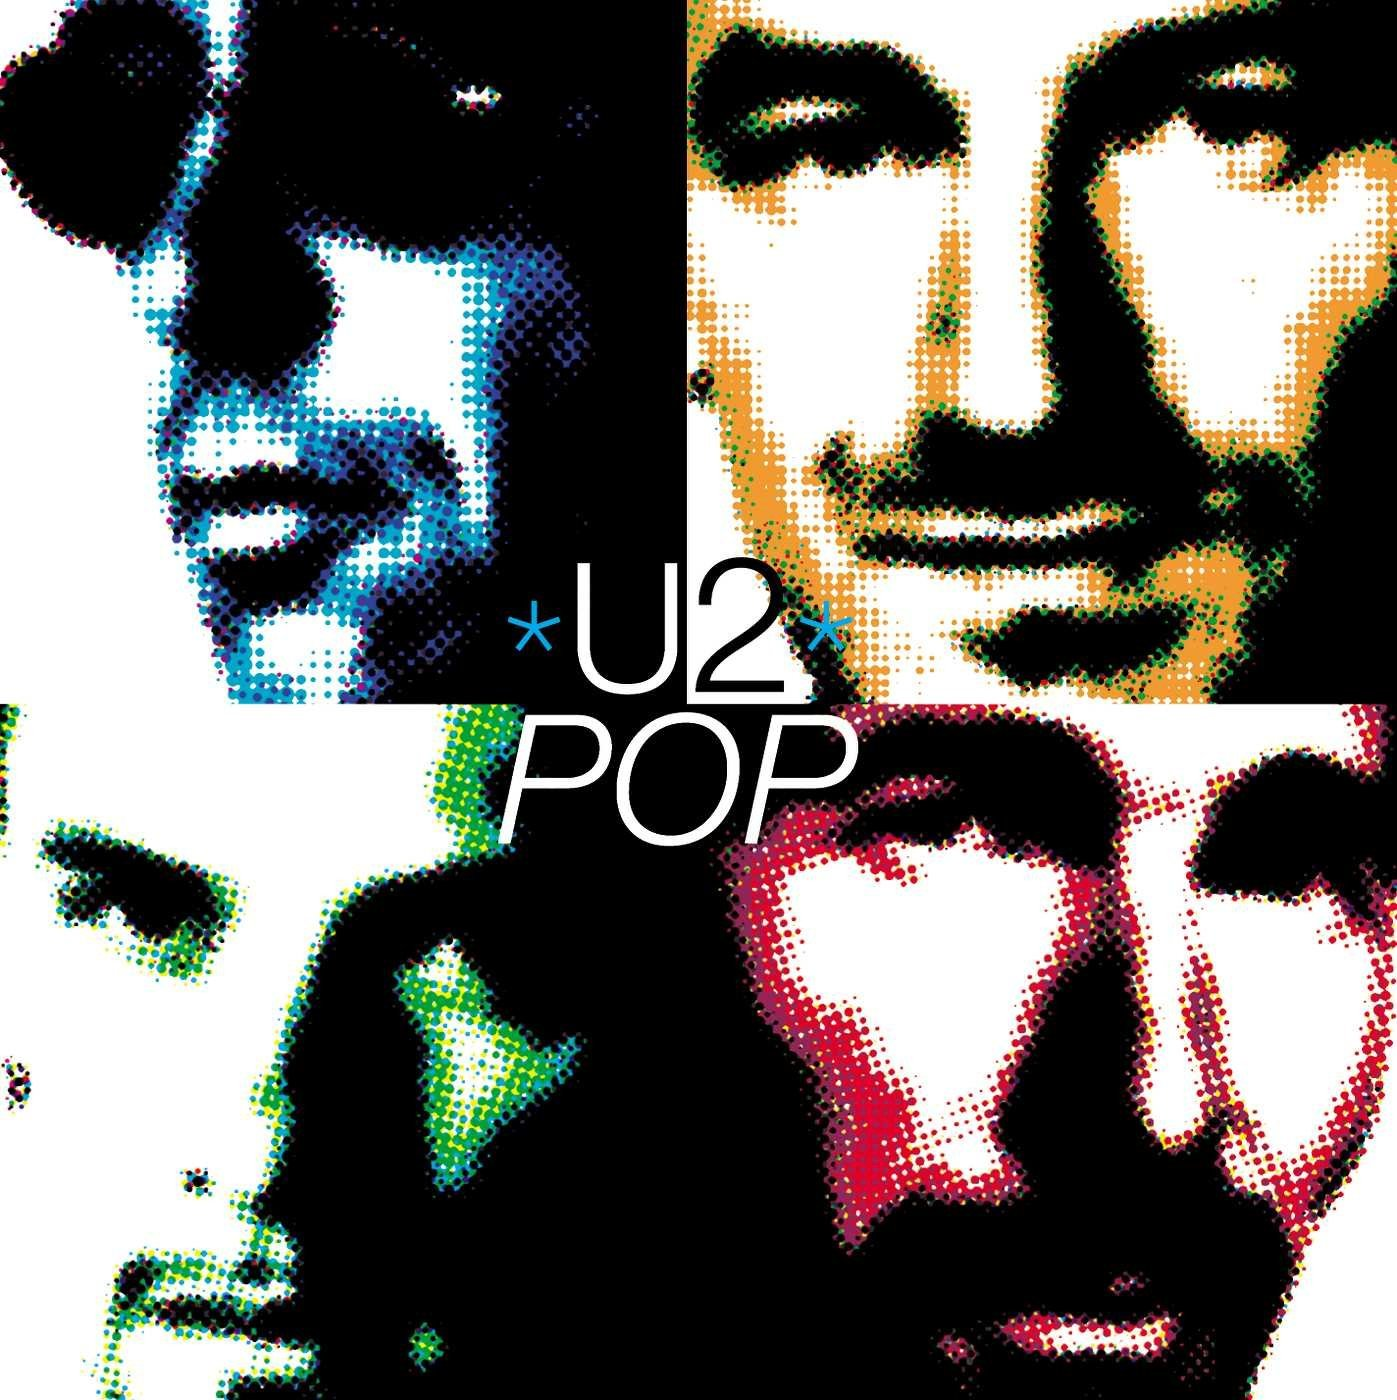 Review: U2, Pop - Slant Magazine